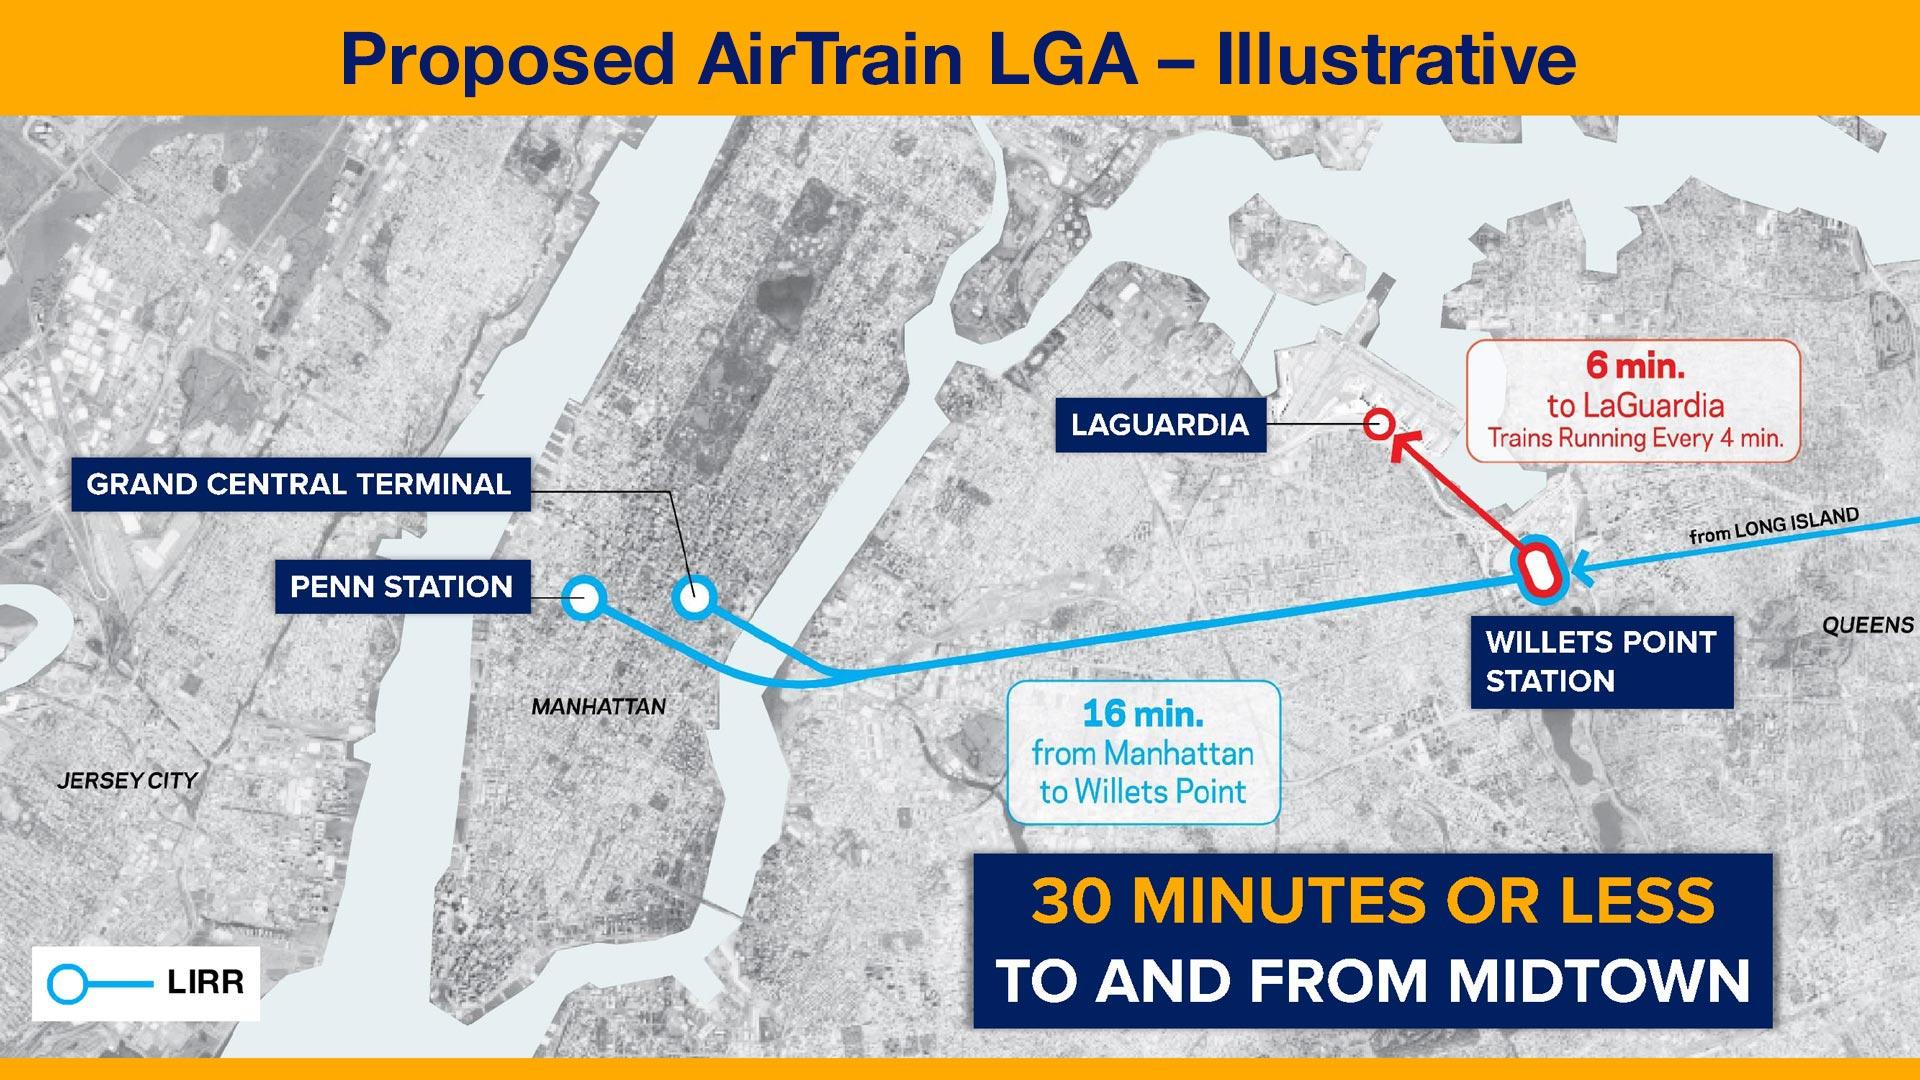 نقشه Port Authority نشان می دهد که چگونه مردم می توانند با خط هوایی از ایستگاه پن و گرند سنترال در منهتن به Willets Point و از Willets Point به خط هوایی LaGuardia برسند.  برآورد زمان سفر اداره بنادر 16 دقیقه از شهر مرکزی و سپس 6 دقیقه از Willets Point تا فرودگاه است و قطارهای هوایی هر چهار دقیقه یکبار حرکت می کنند.